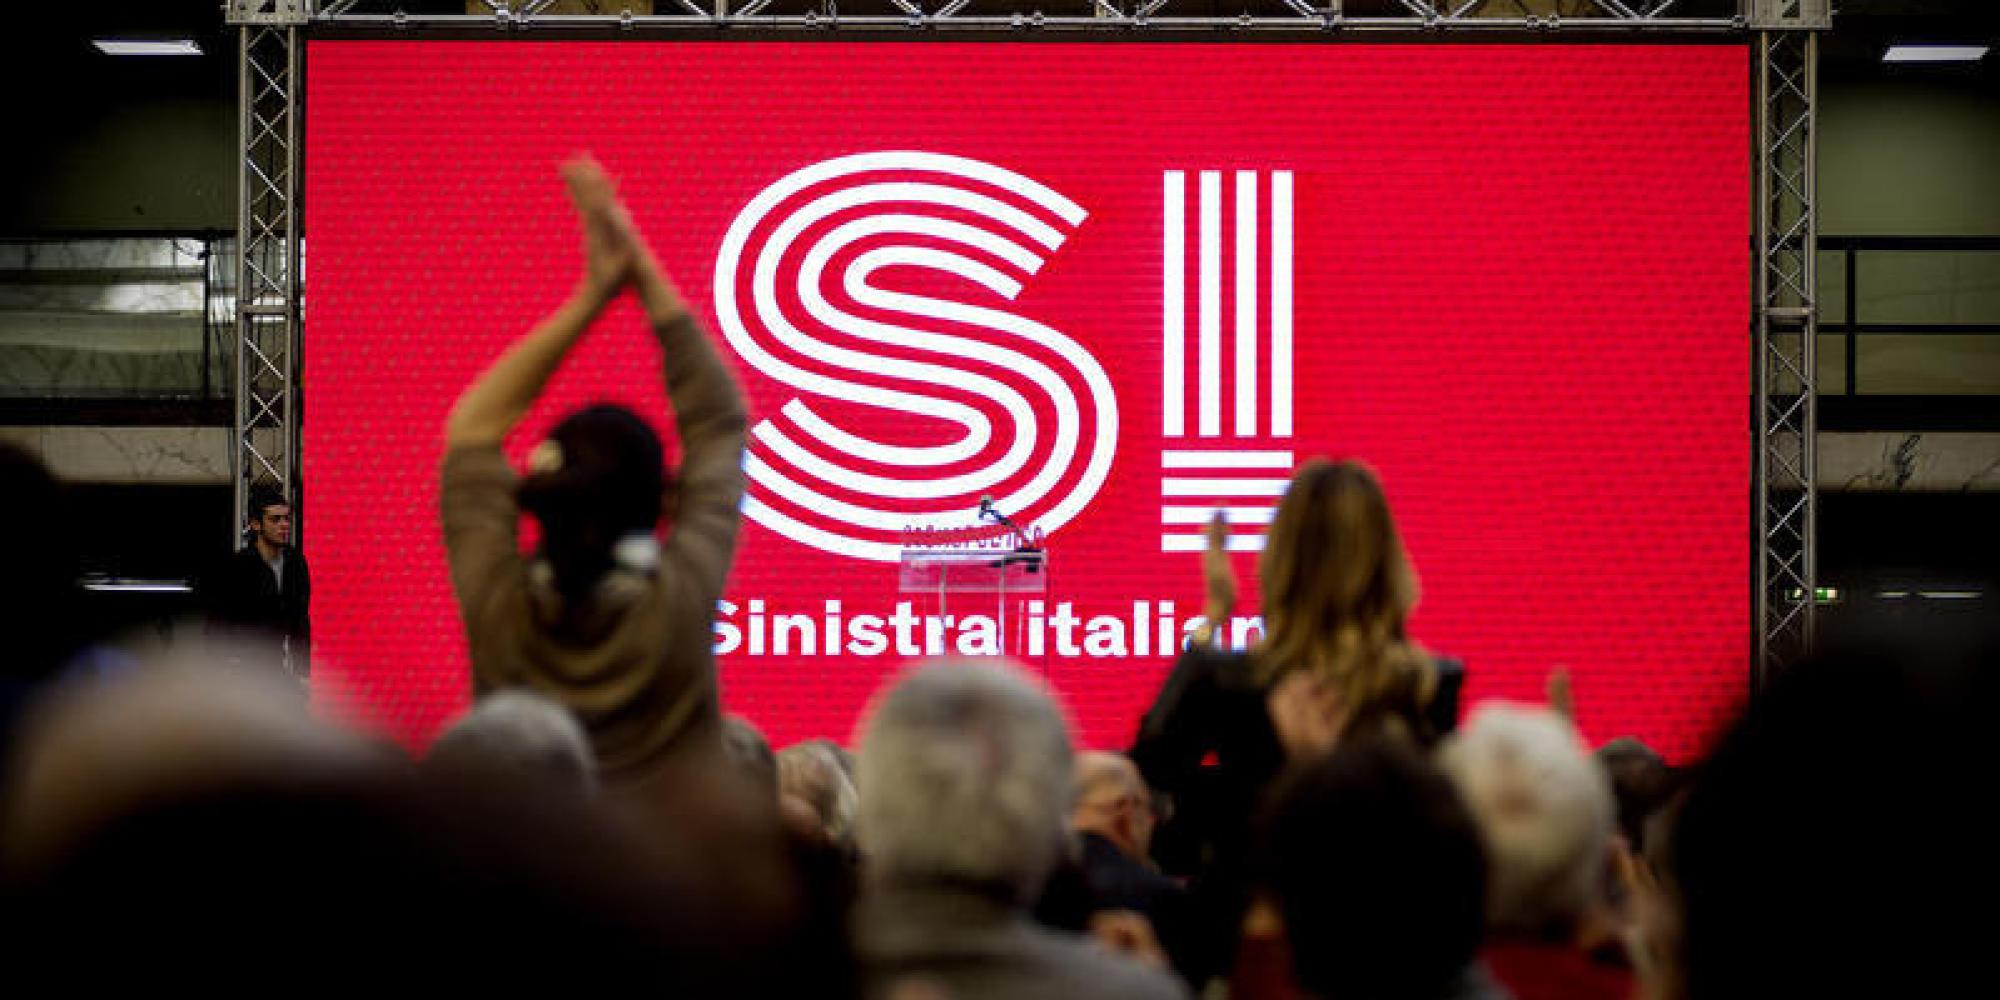 Civitavecchia, Sinistra Italiana alternativa al PD giovedì se ne discute con Fratoianni